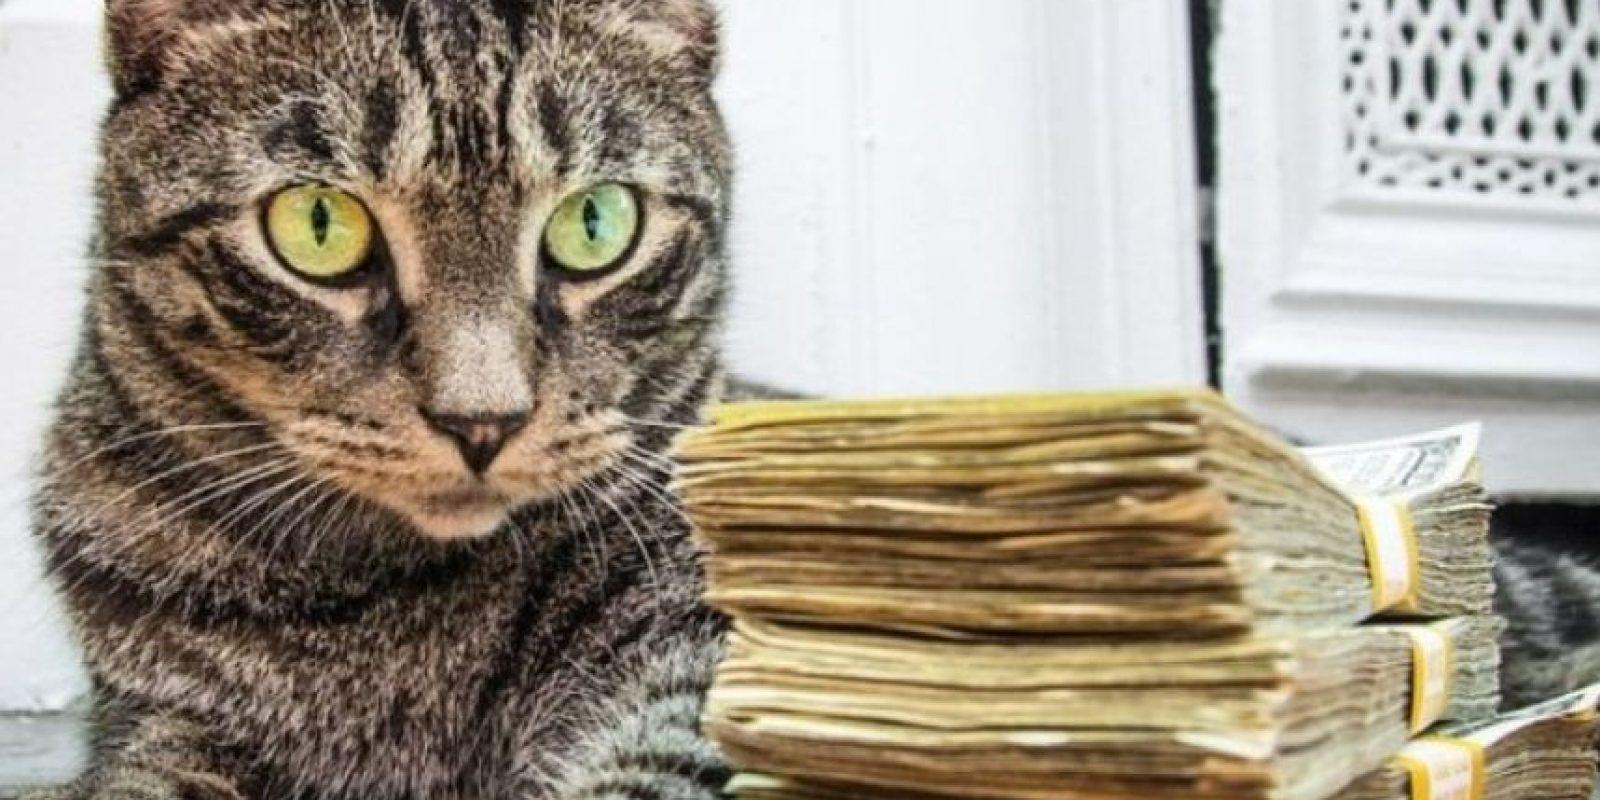 Foto: Instagram.com/Cashcats